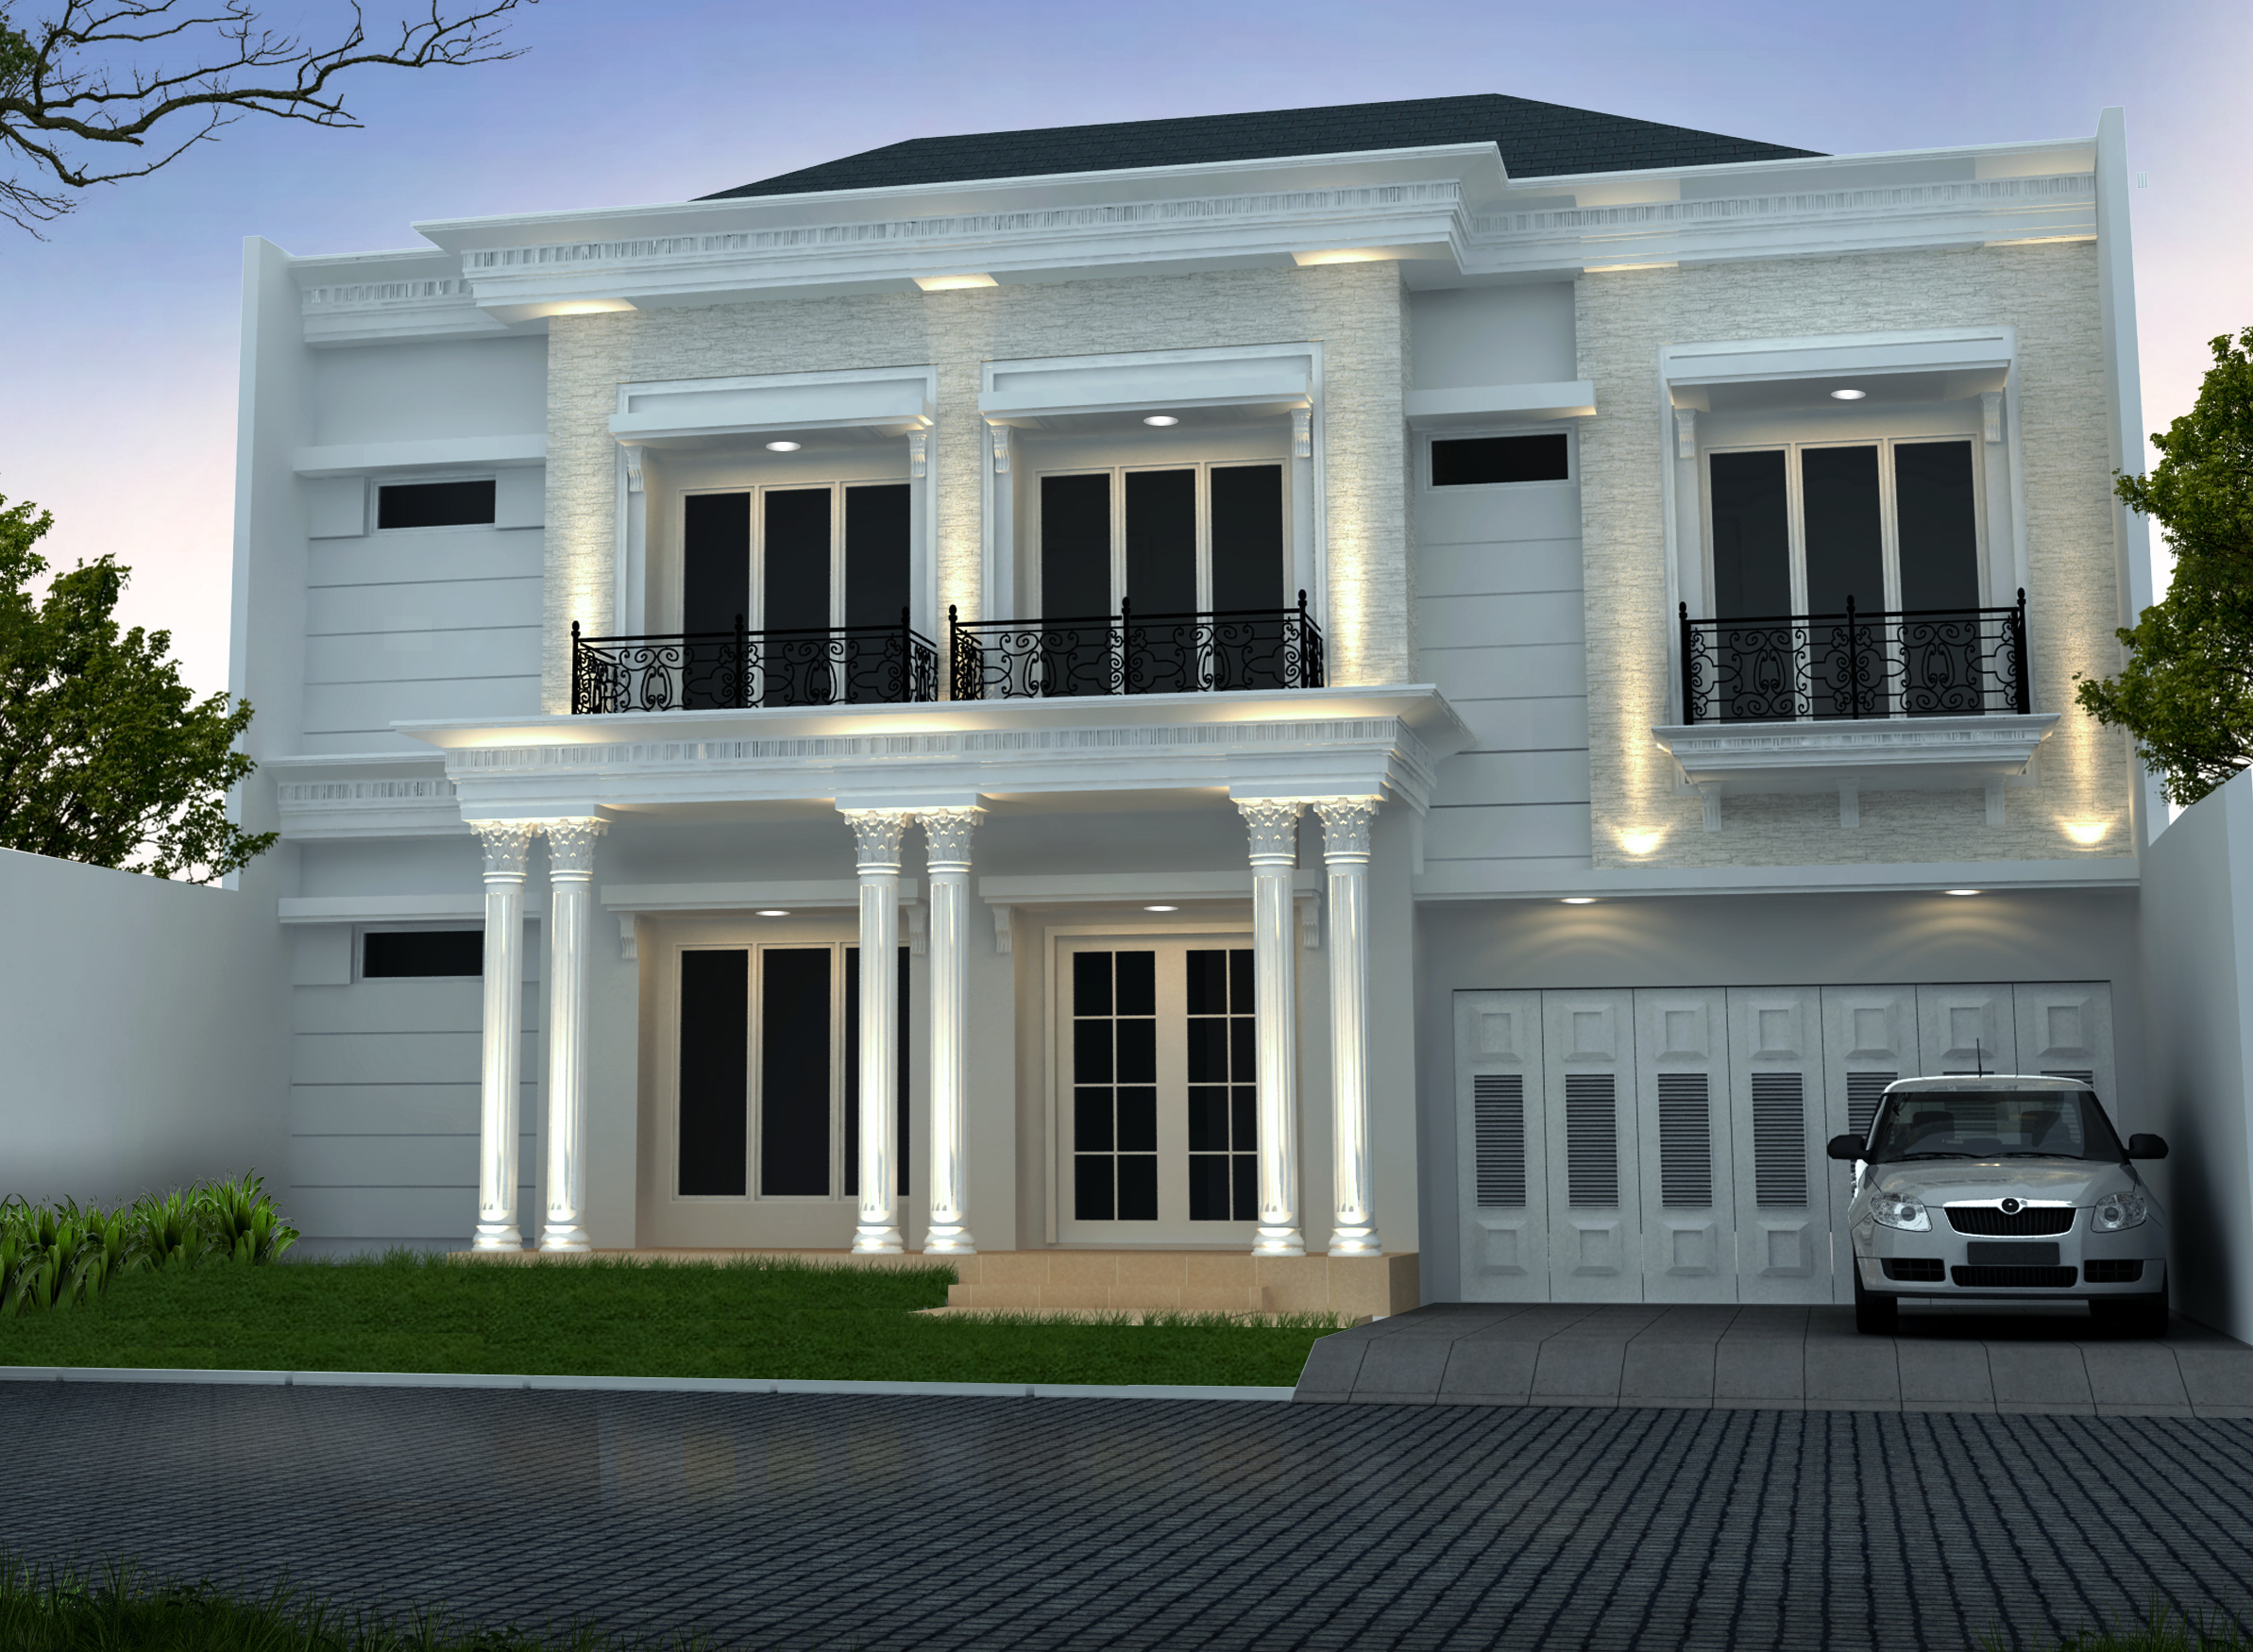 Desain Rumah Klasik 15 x 20 M2 Dua Lantai Ada Kolam Renang ...